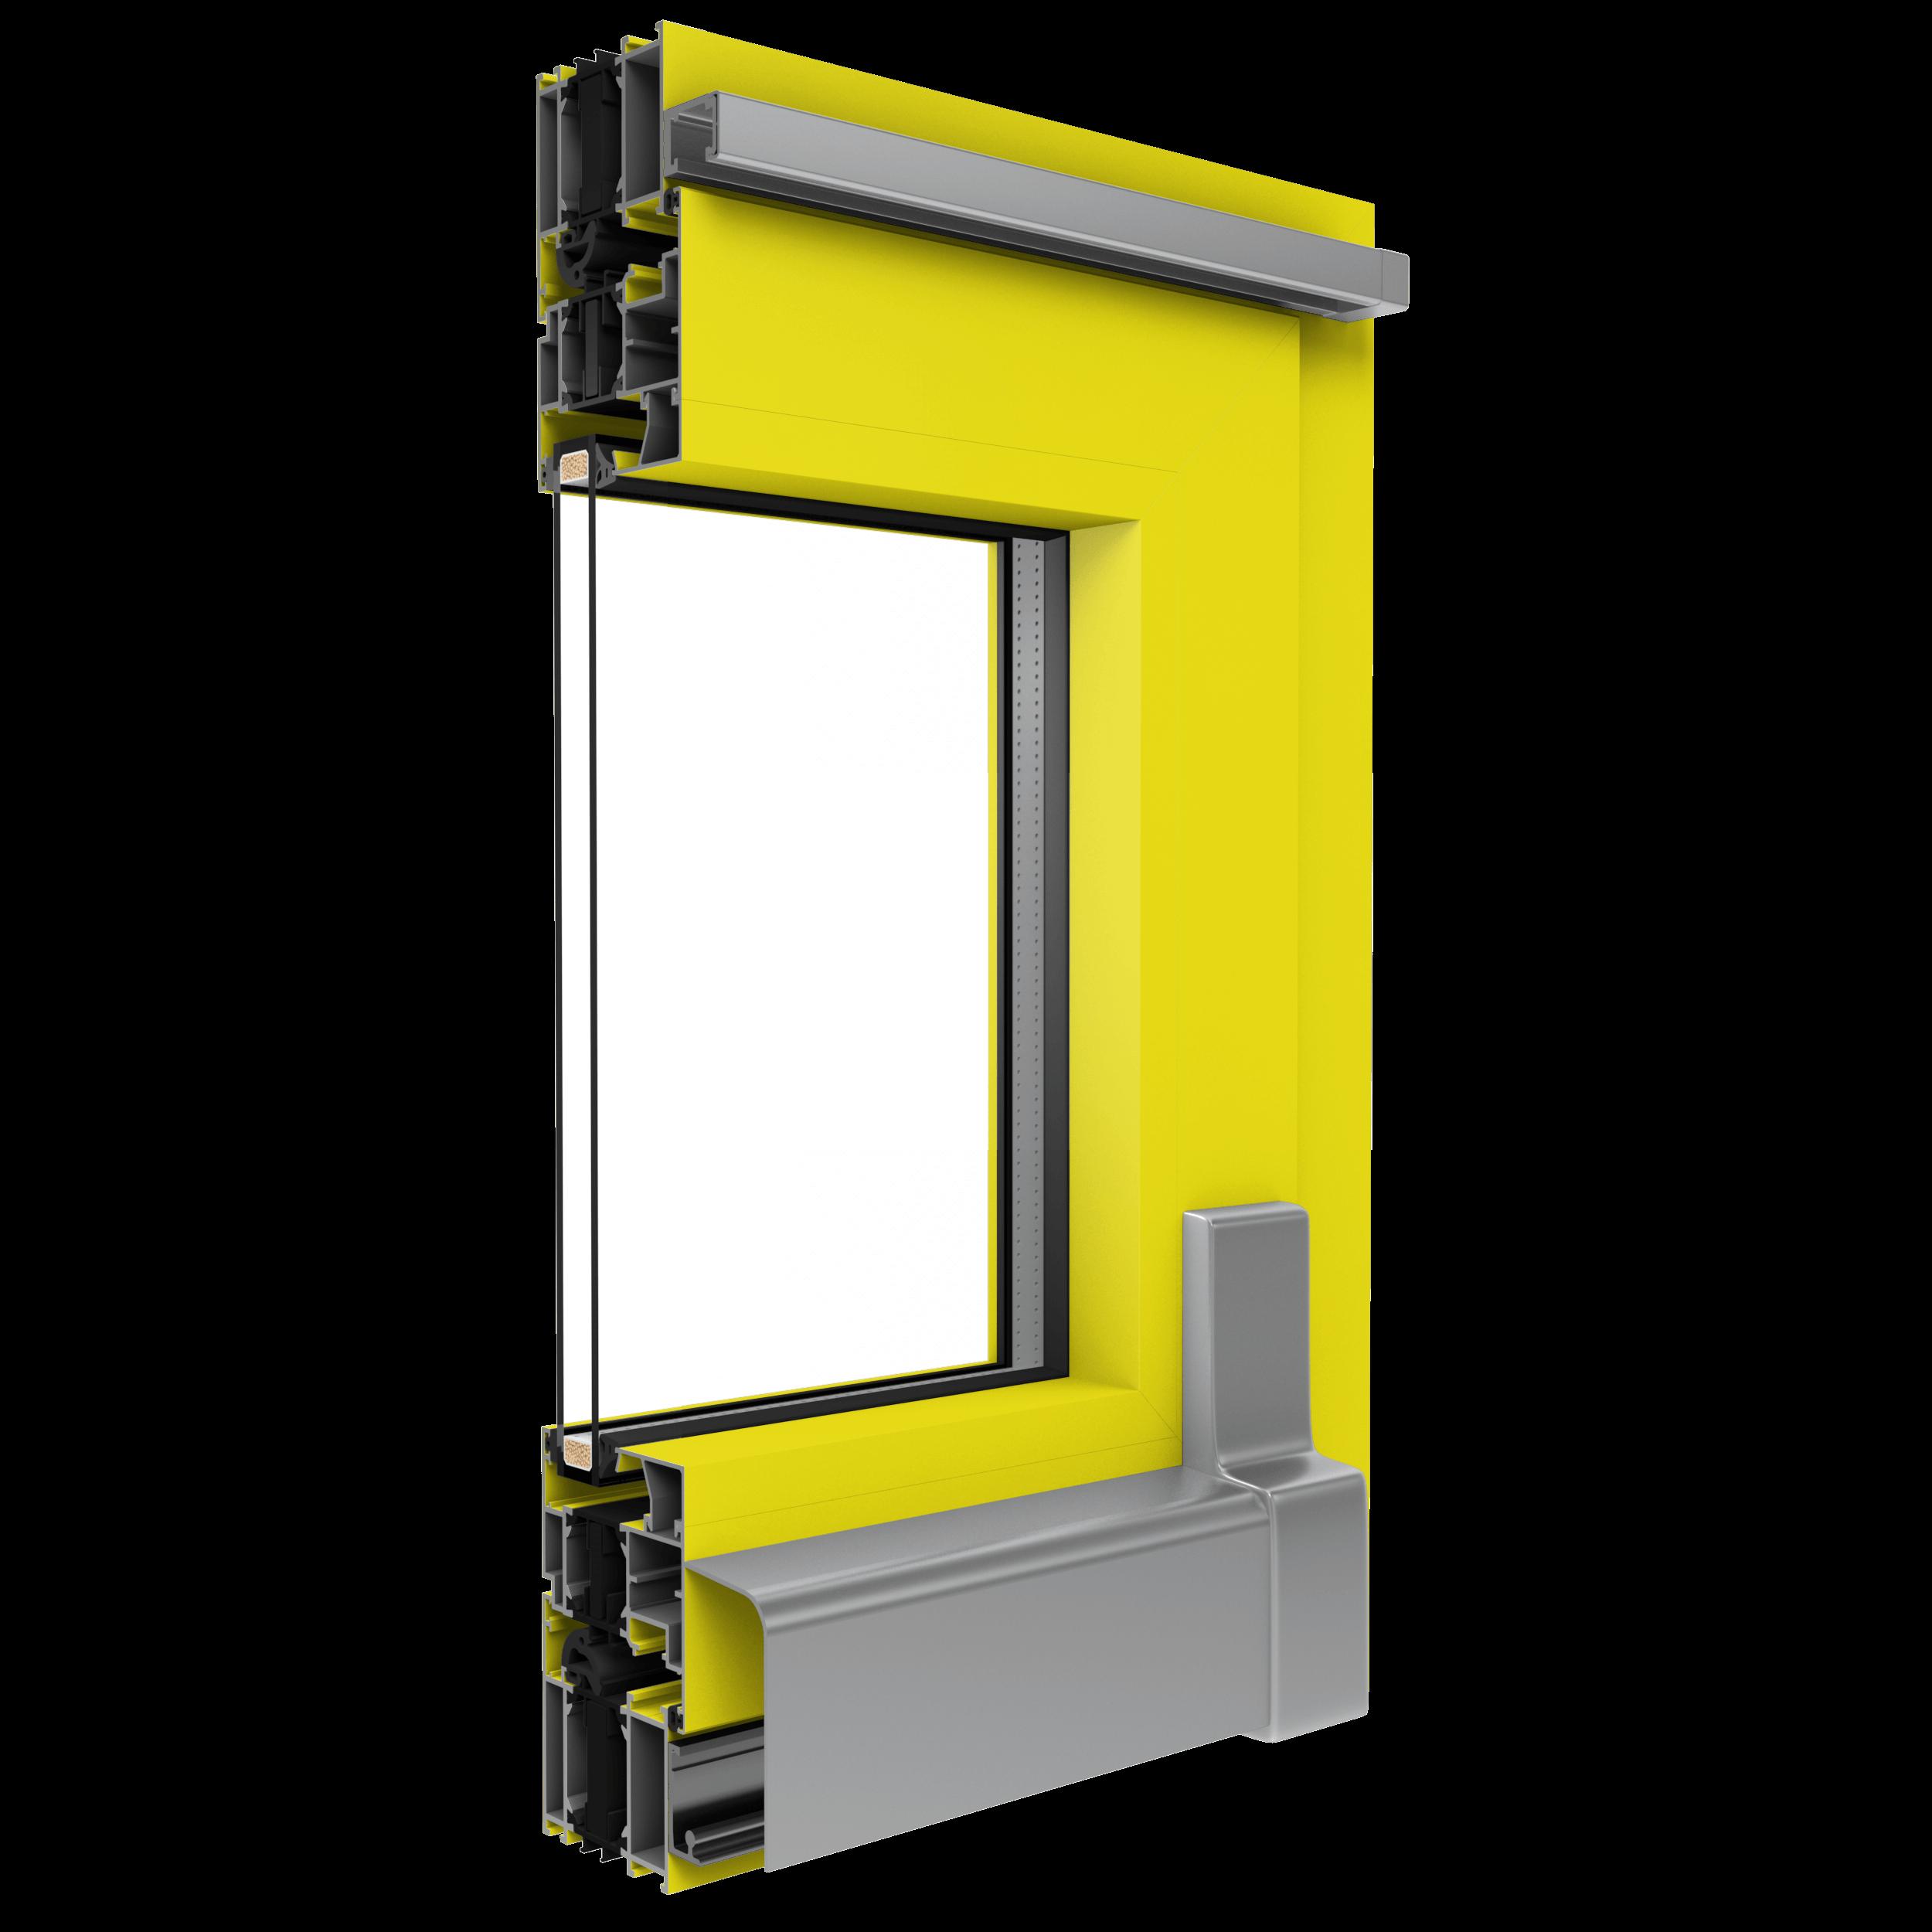 Full Size of Drutex Fenster Iglo 5 Erfahrung Aluminium Erfahrungen Kaufen Einbauen In Polen Aus Konfigurator Holz Alu Test Konfigurieren Veka Preise Runde Velux Stores Fenster Drutex Fenster